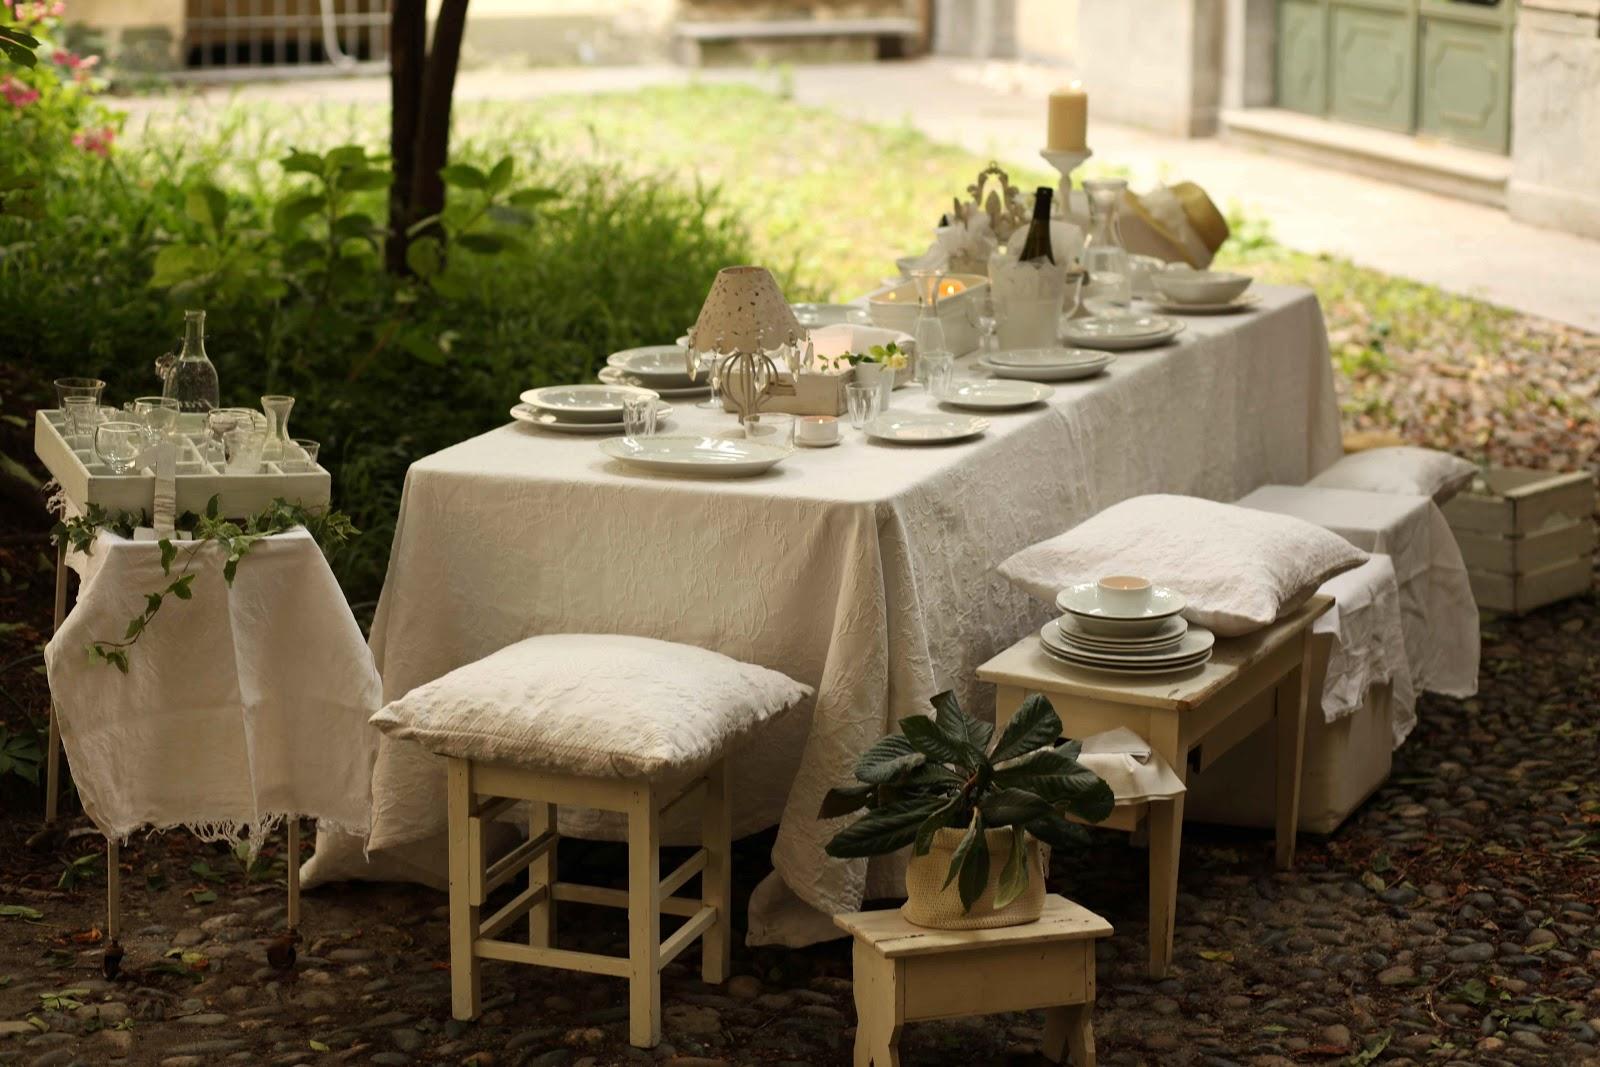 Les dom cena in bianco a torino suggestioni per apparecchiare la tavola - Apparecchiare una tavola elegante ...